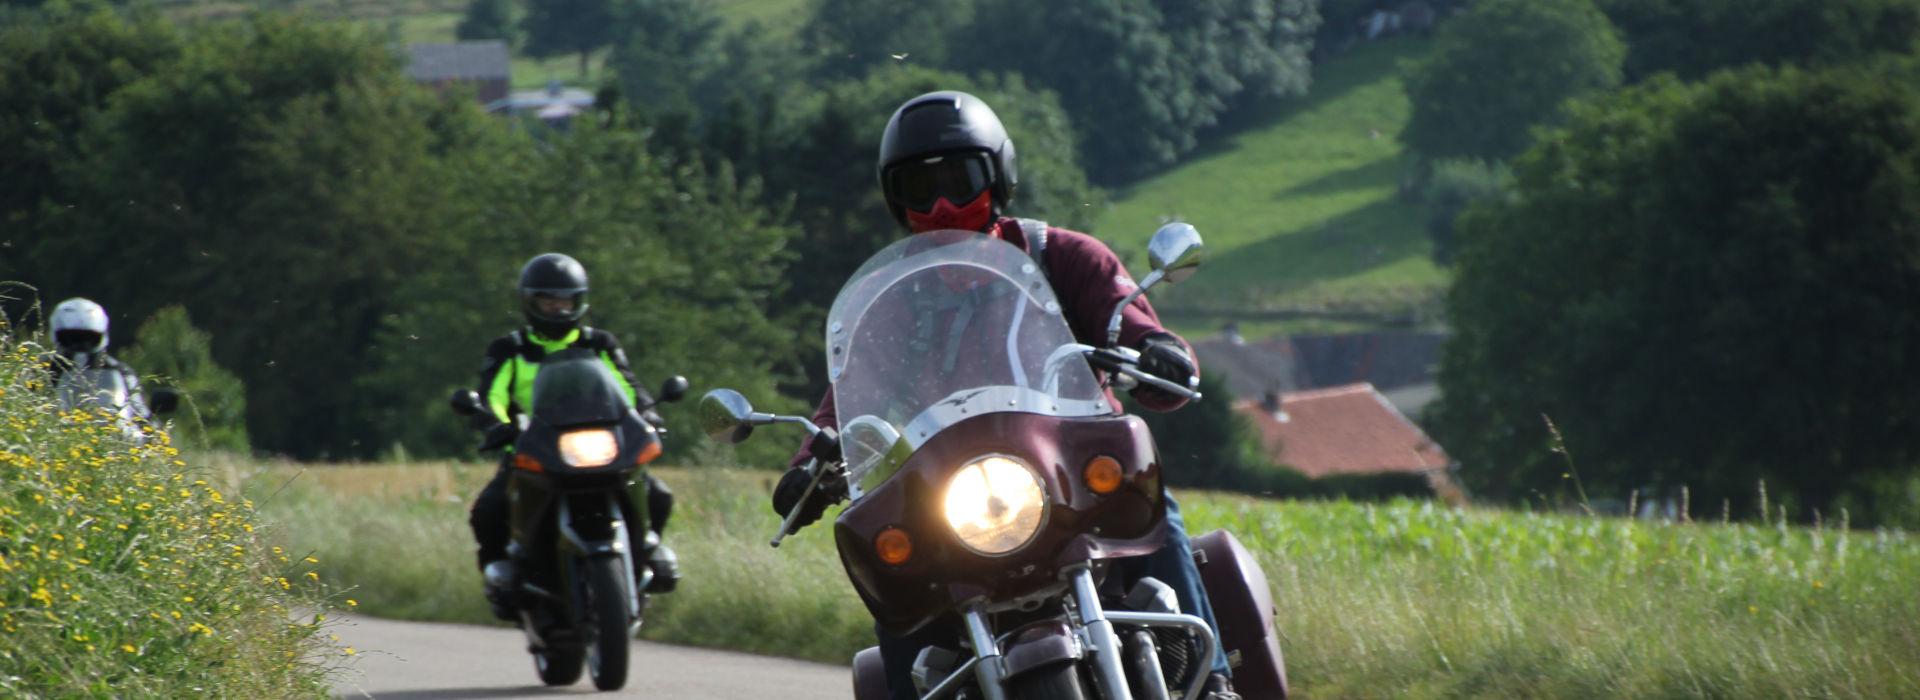 Motorrijbewijspoint Beverwijk spoedcursus motorrijbewijs